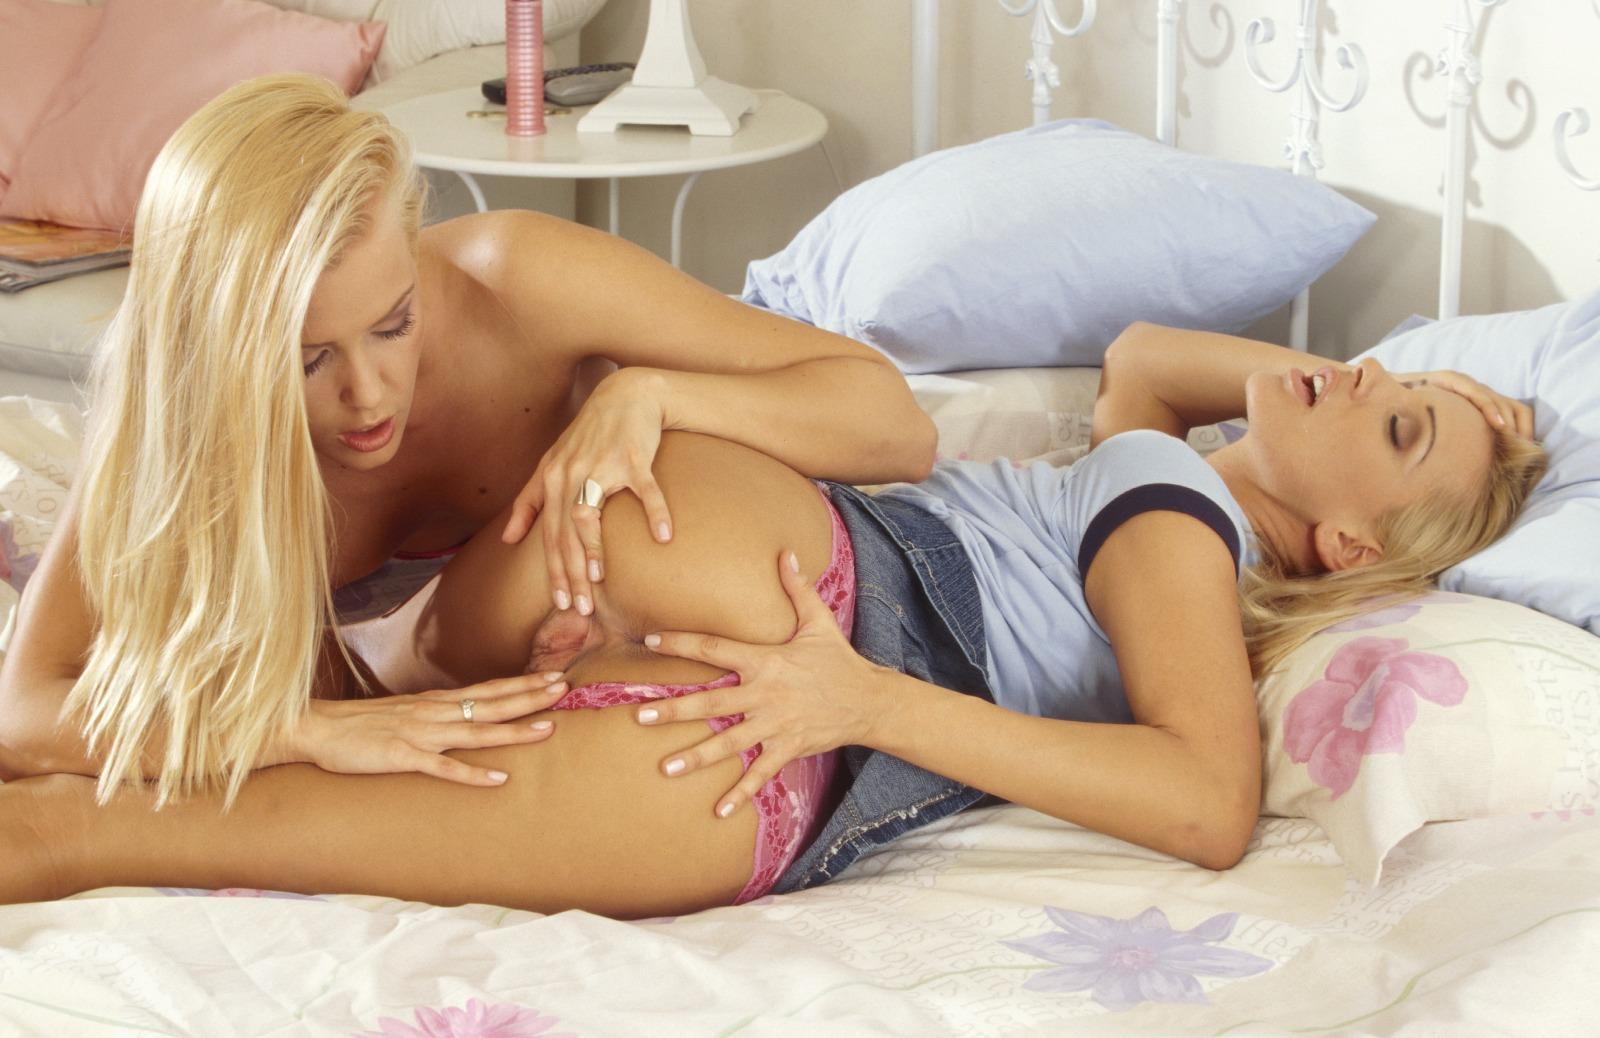 Пердолят телку блондинки лесбиянки смачно лижут друг другу жопы баб